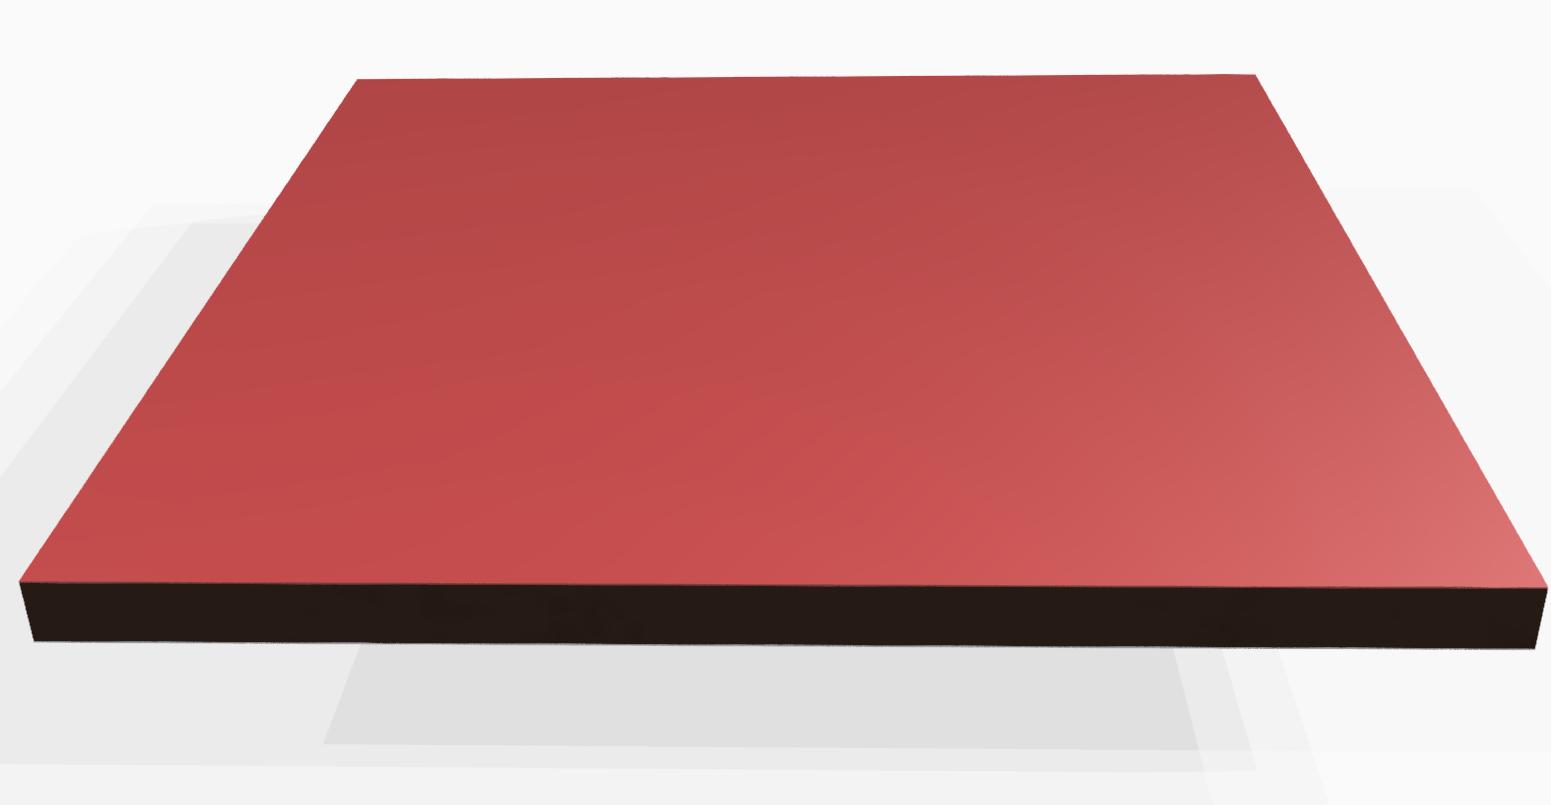 Vollkunststoff 10 mm ähnlich RAL 3000, rot